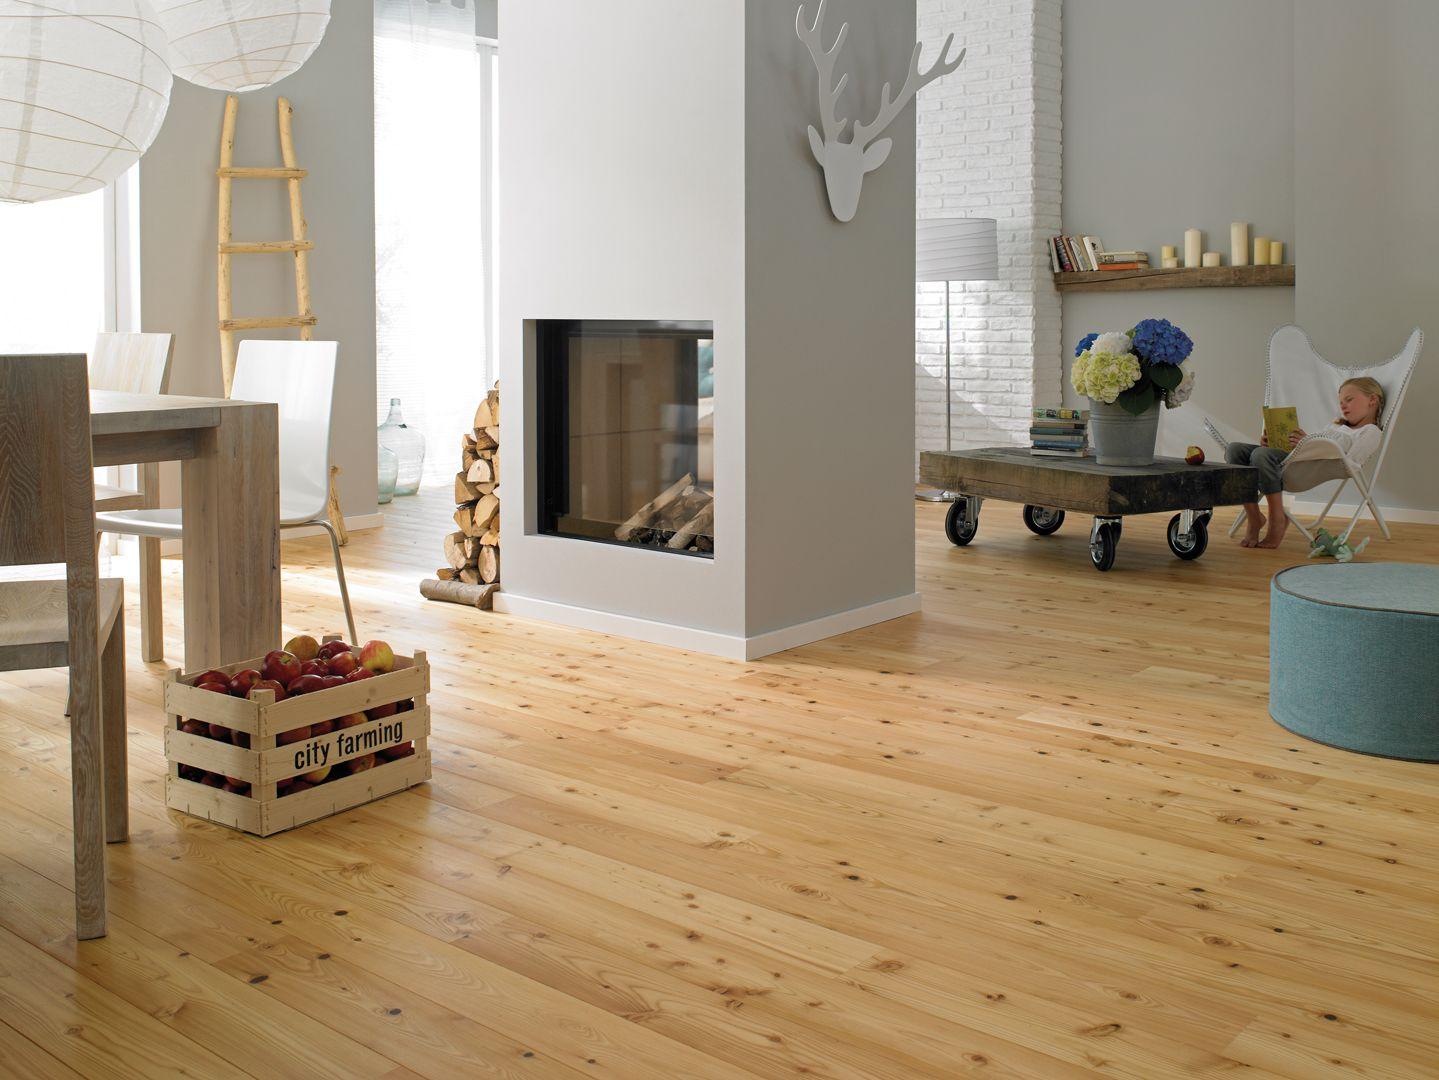 De rustiek eiken parket vloer geeft deze woonkamer een warme en